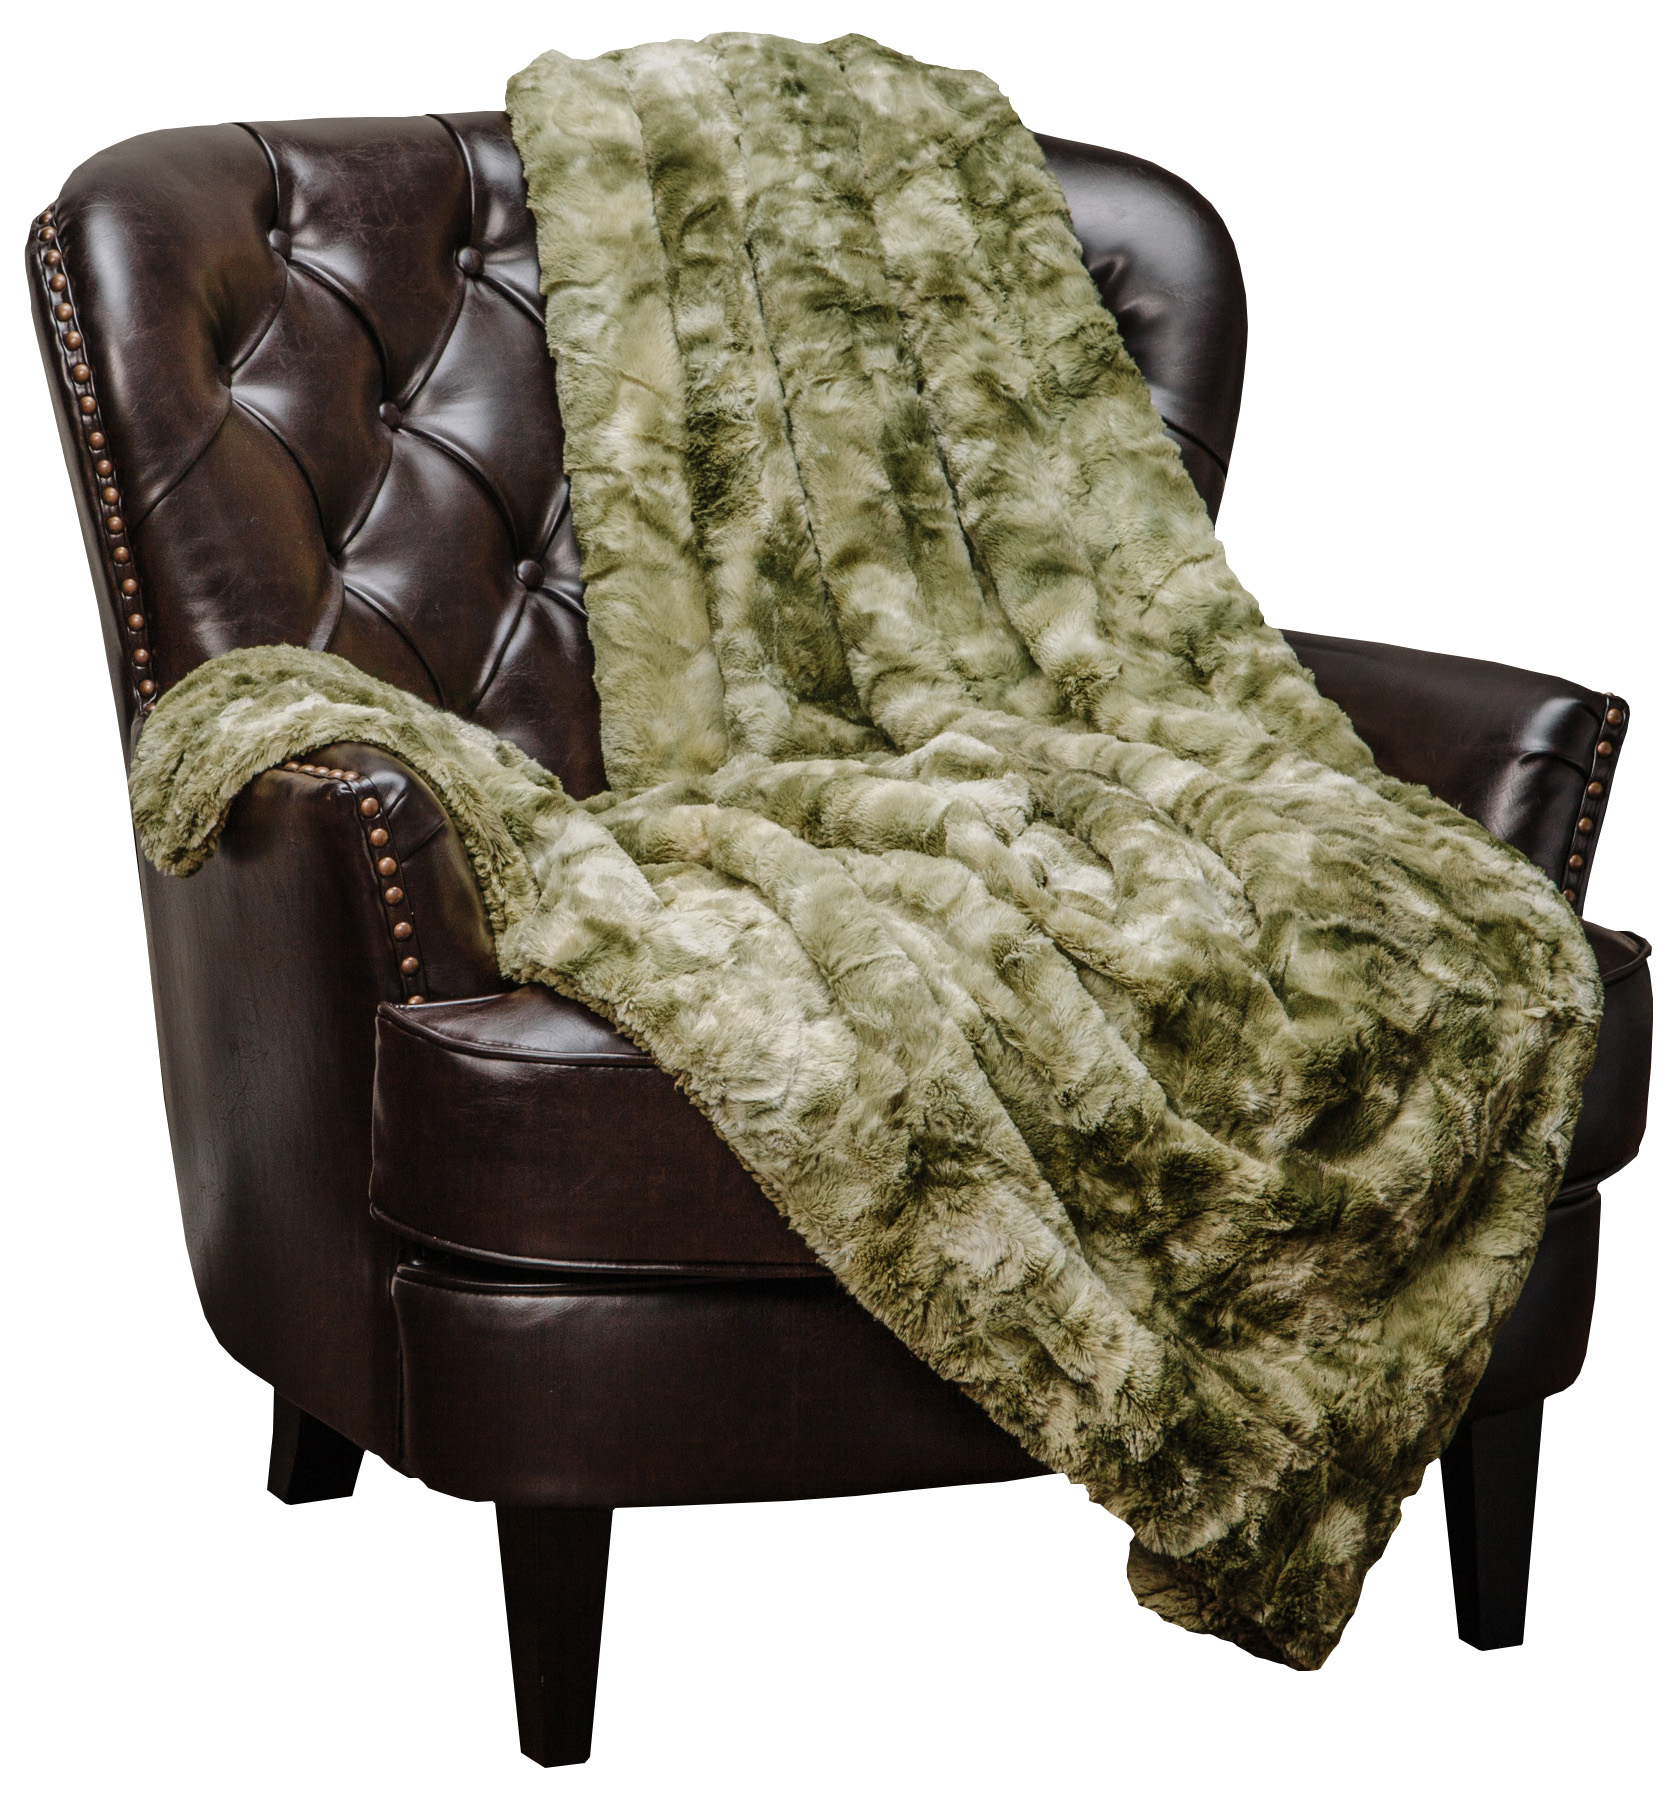 Chanasya Faux Fur Throw BlanketSuper Soft Fuzzy Light Weight Luxurious Cozy W